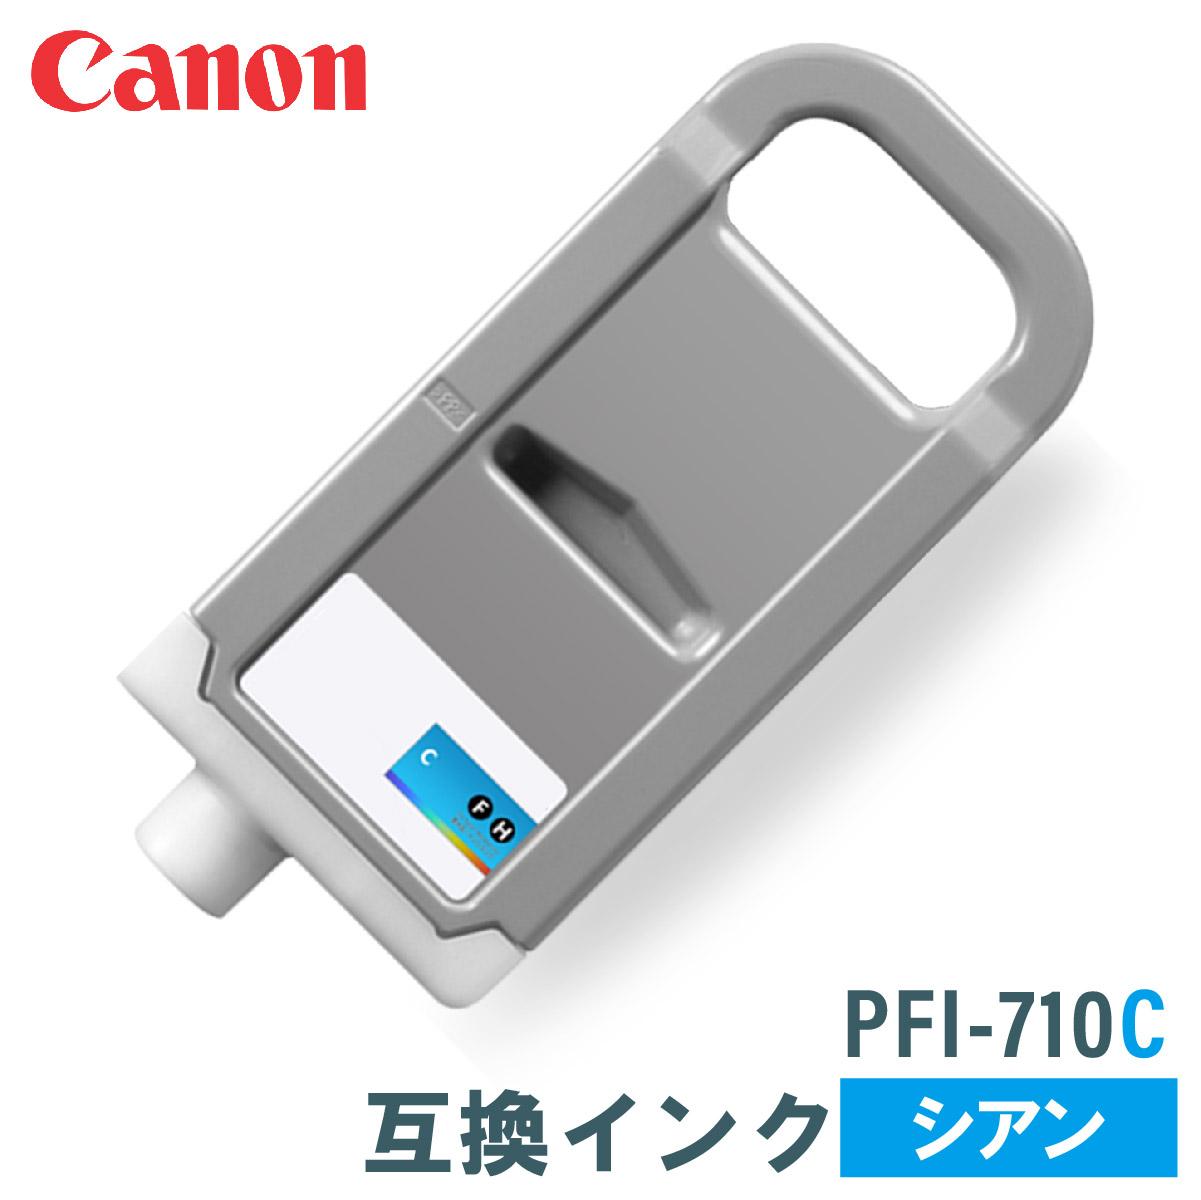 キヤノン 互換インク CANON PFI-710C シアン 700ml